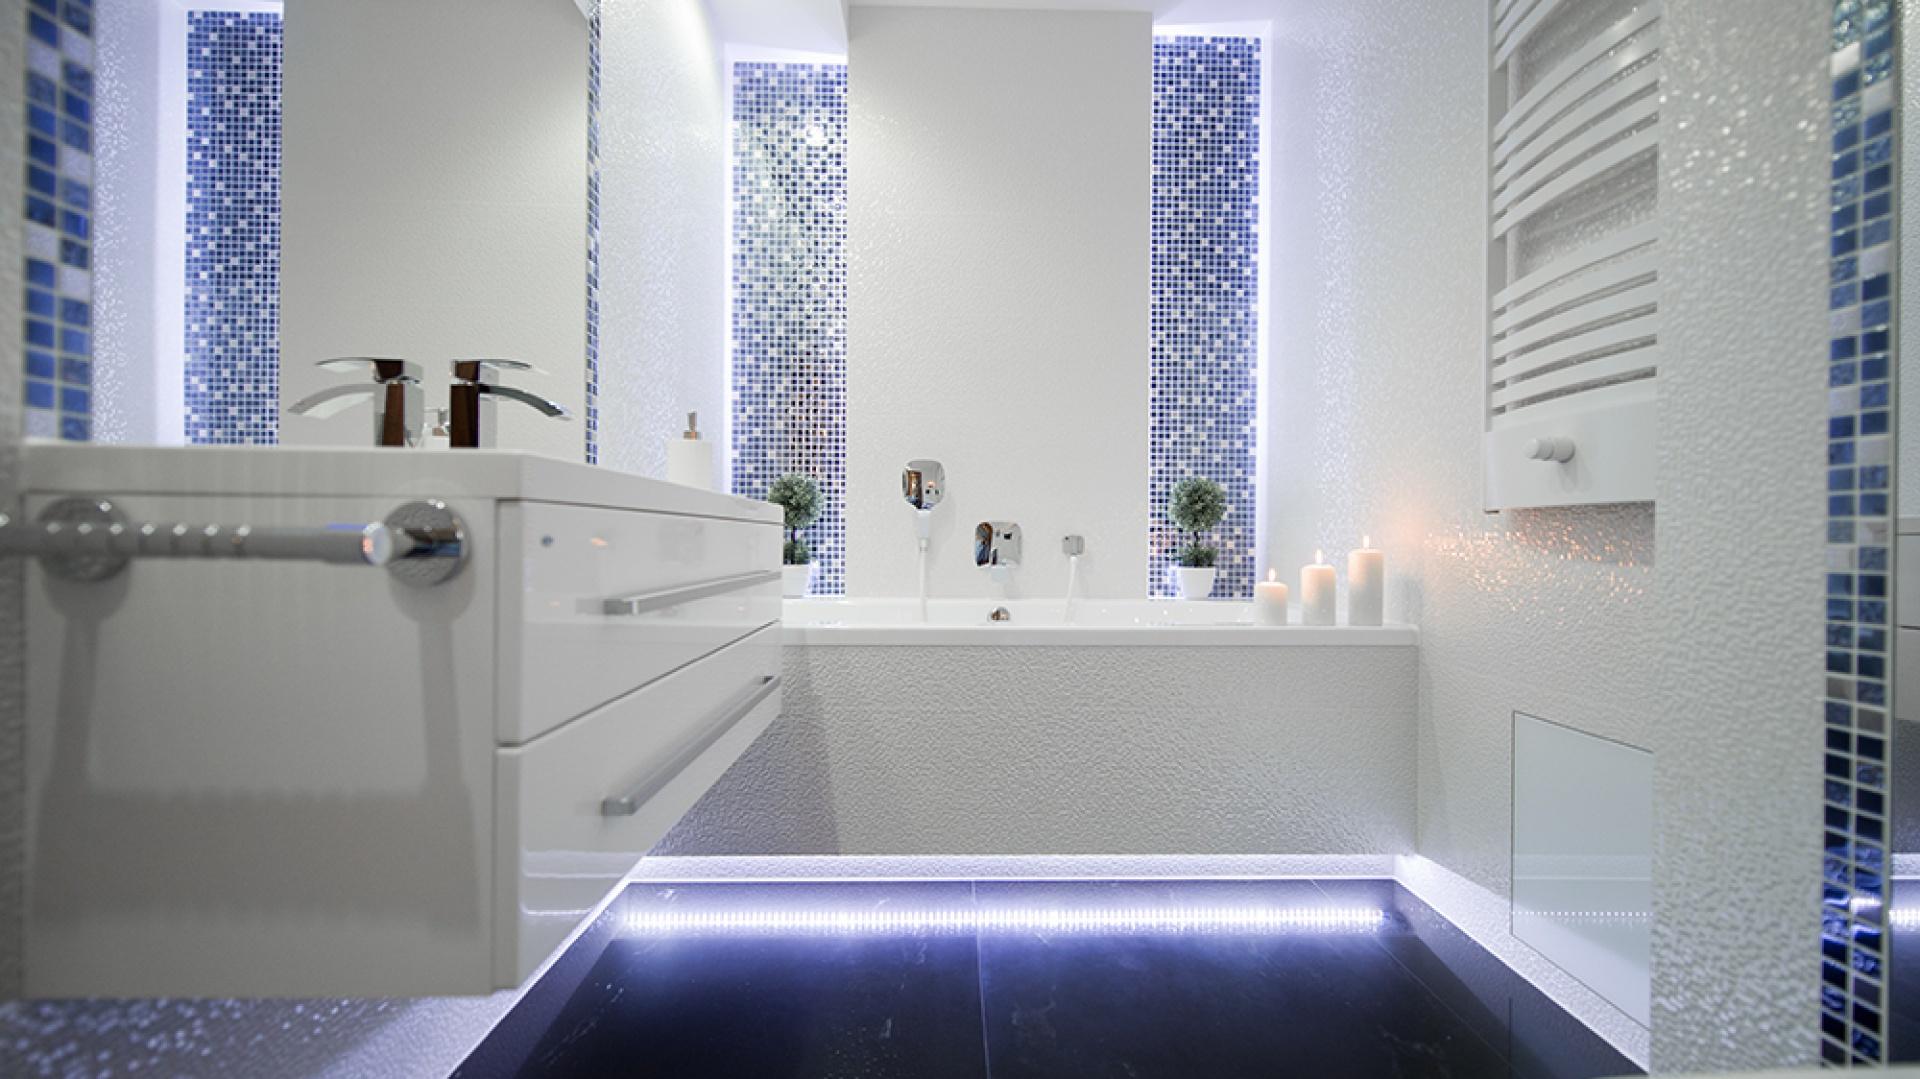 Podświetlenie Wanny W łazience Dodaj Klimatu Wnętrzu